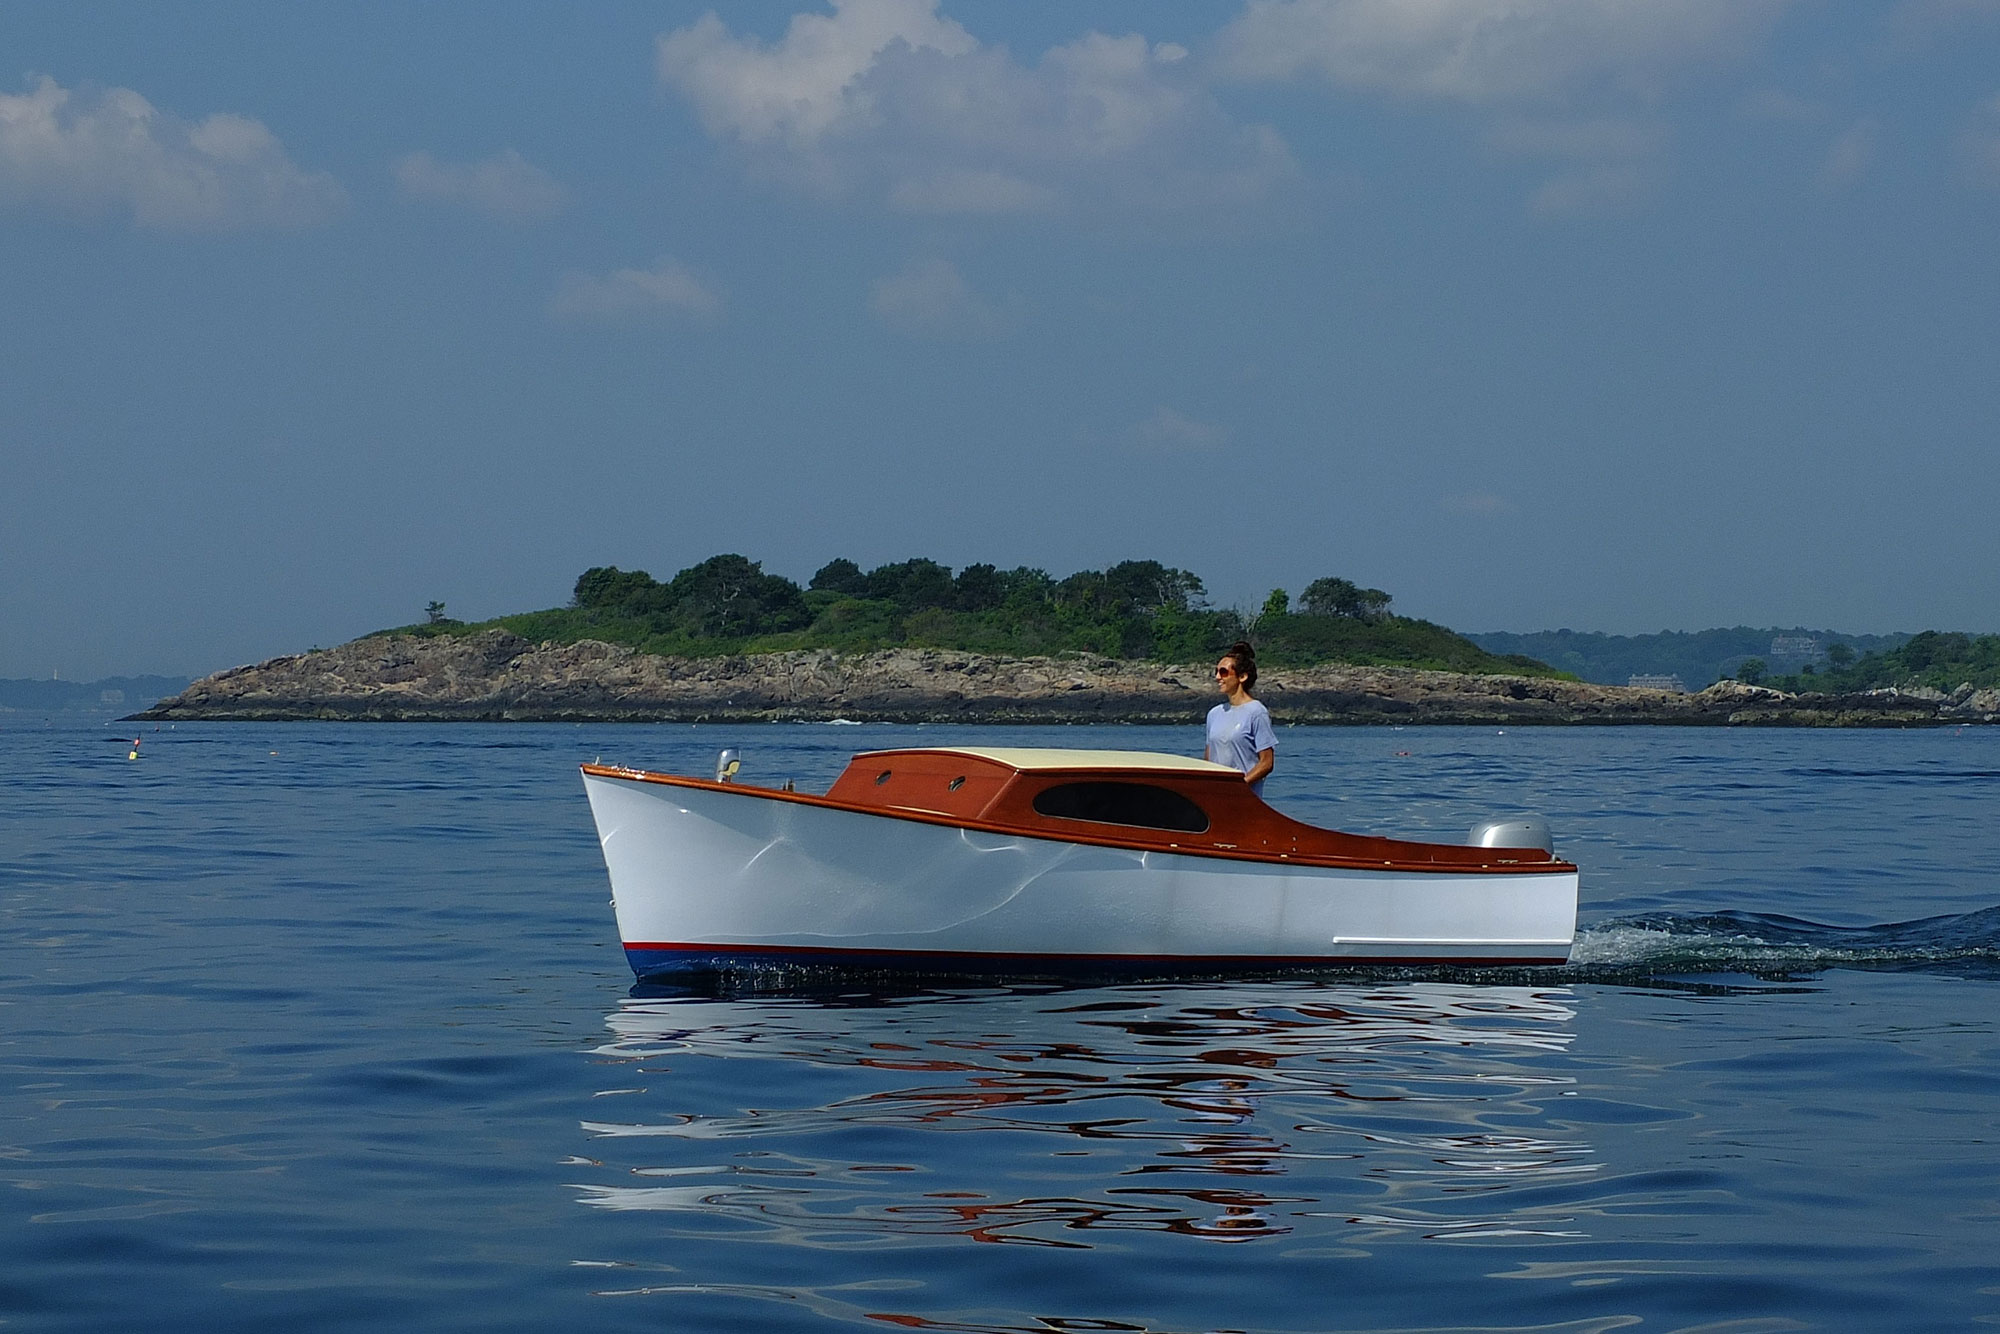 Suggestions please: Wooden inboard Trailerable 16-21ft Sedan/Cruisette Sports Boat